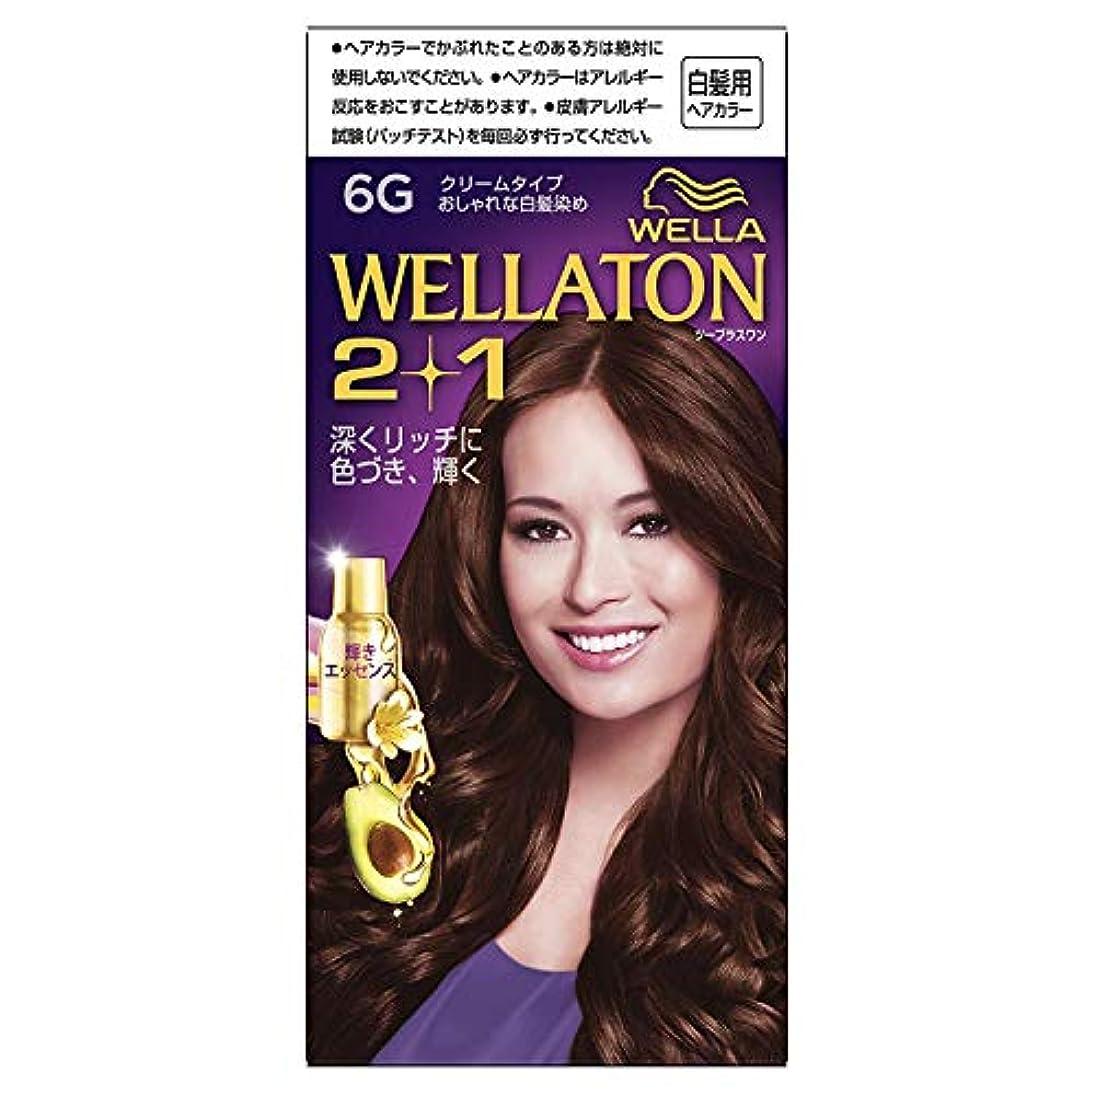 音声学平和な勇敢なウエラトーン2+1 白髪染め クリームタイプ 6G×6個